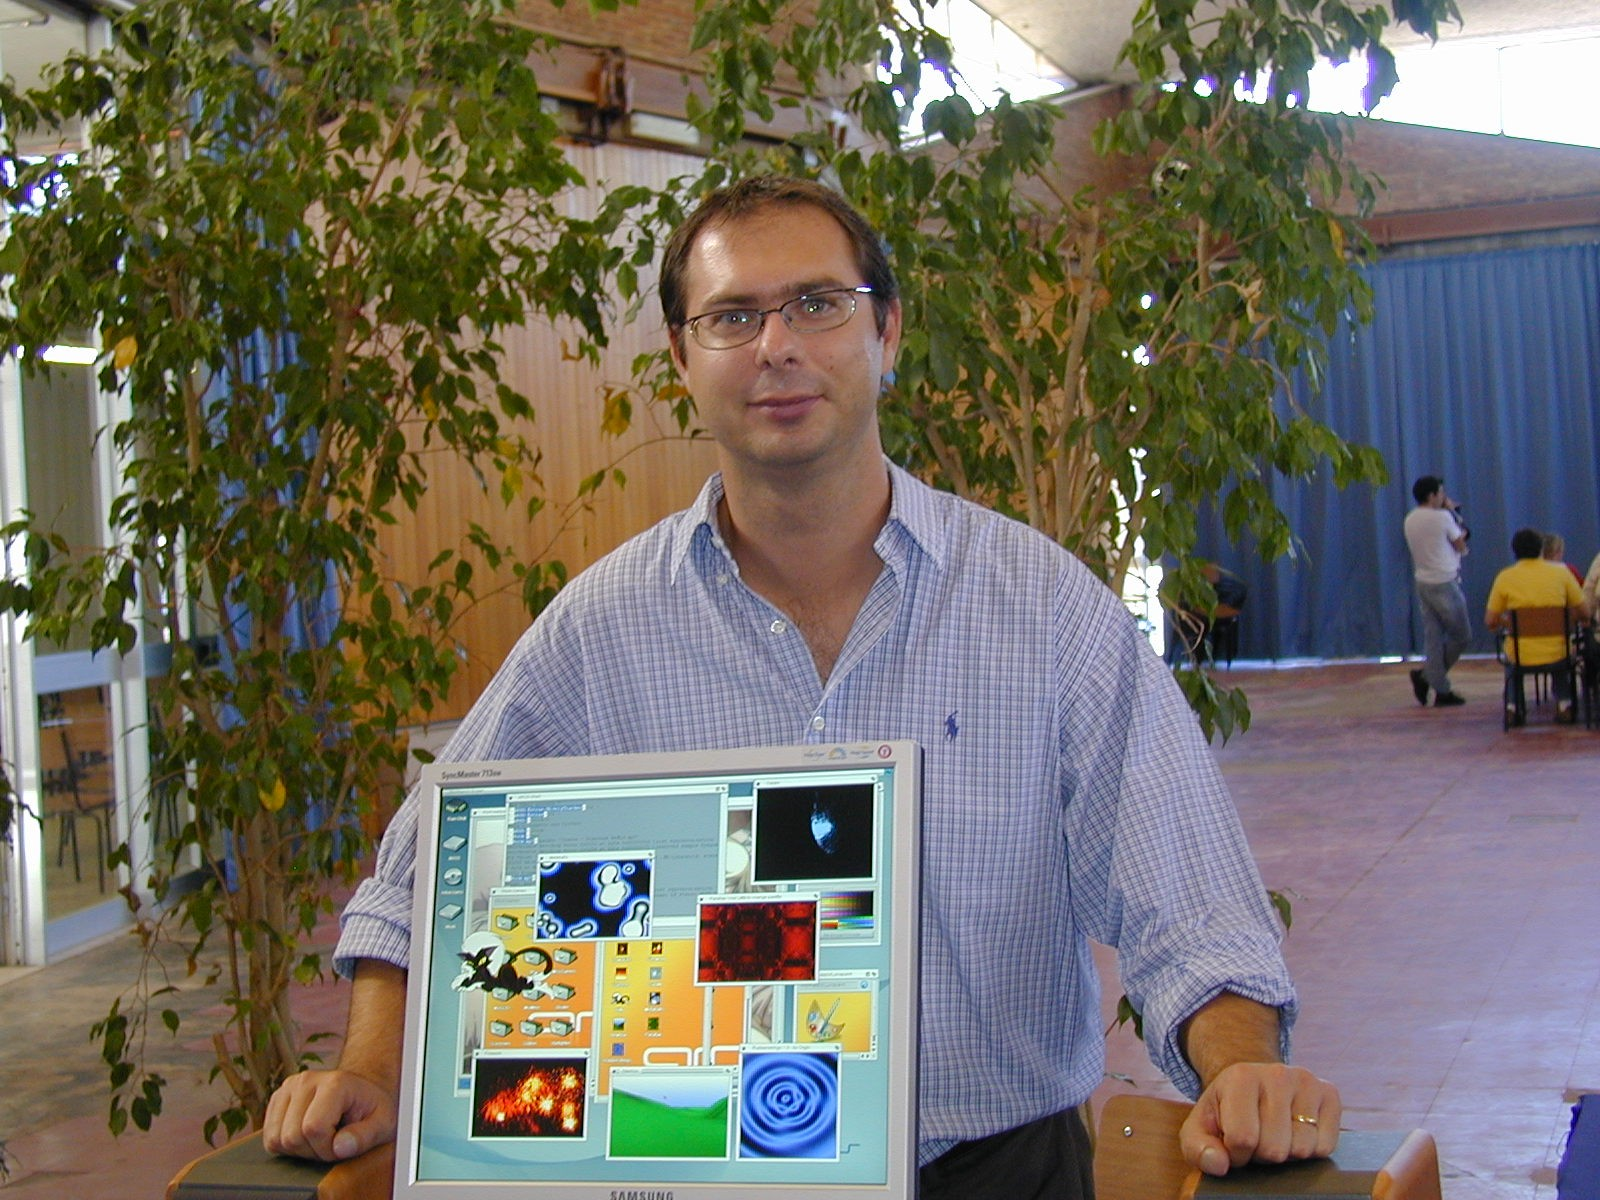 Intervista a Paolo Besser, dai videogiochi ai sistemi operativi, passando per BovaByte